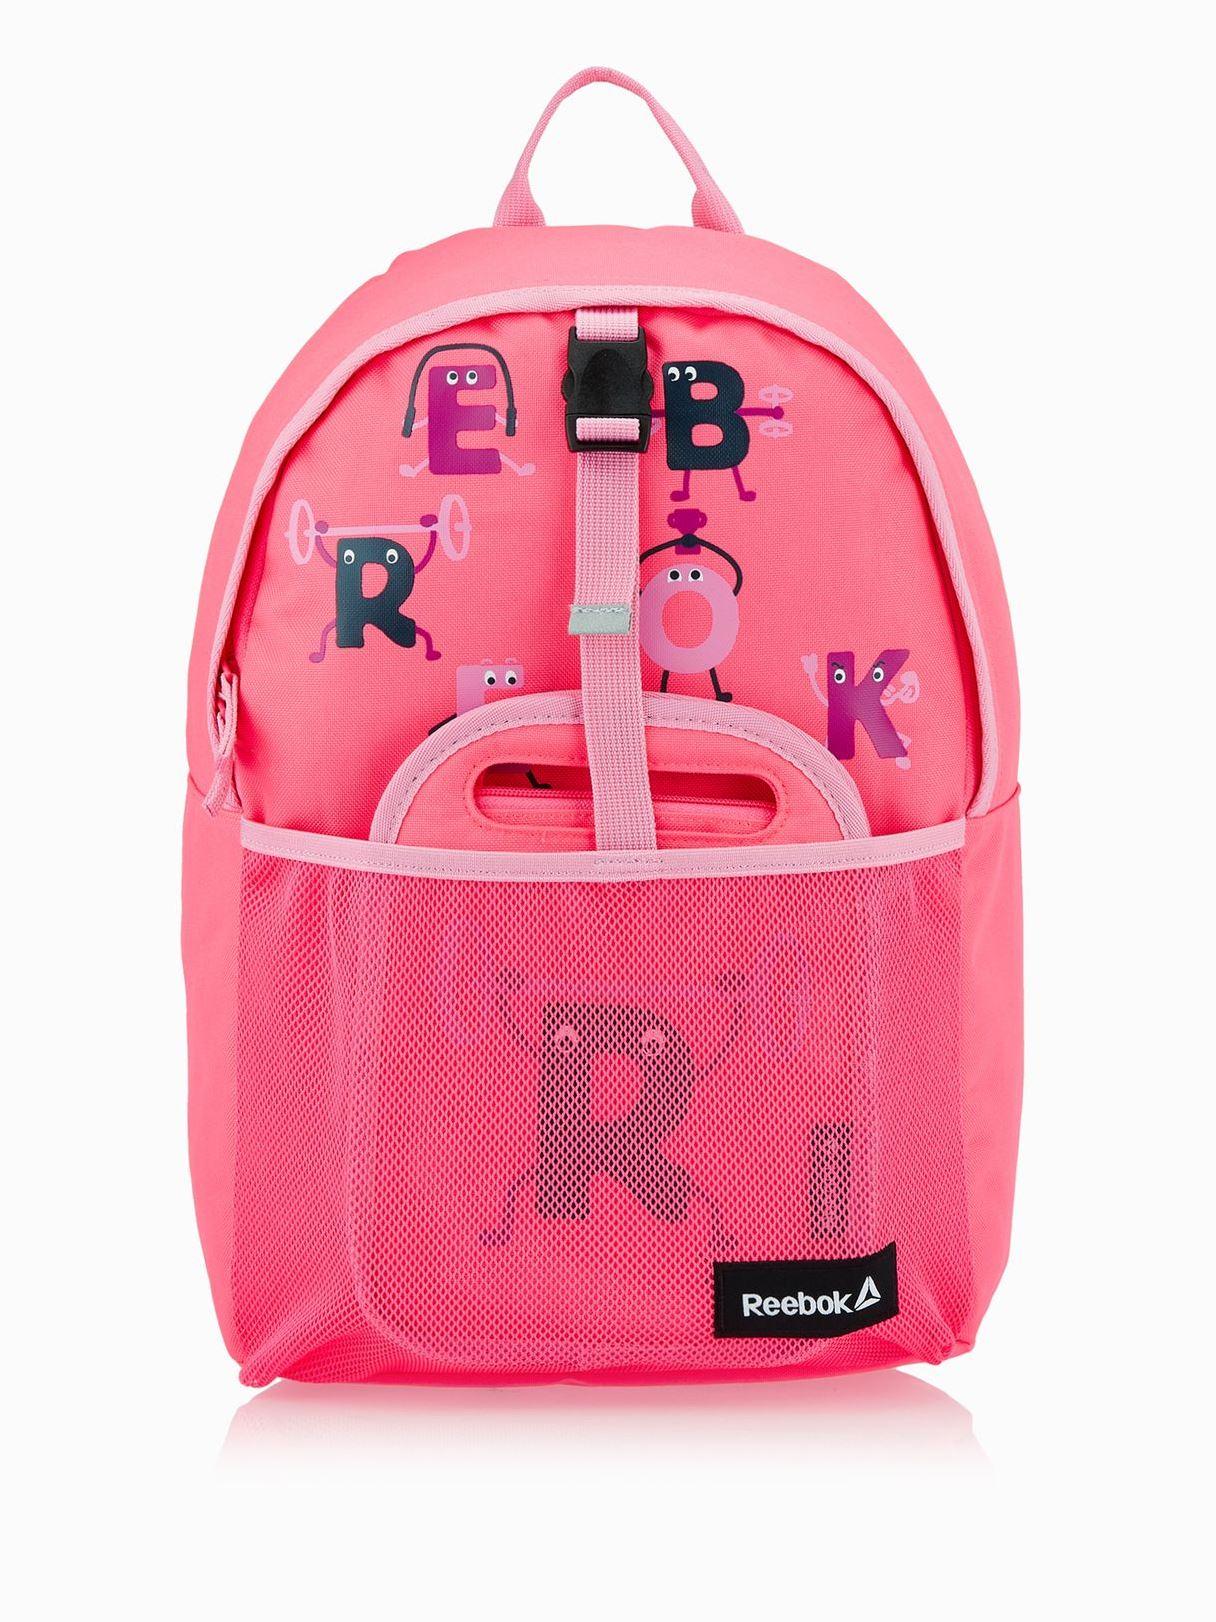 Рюкзак Reebok AJ6499 One size  Розовый Free Style